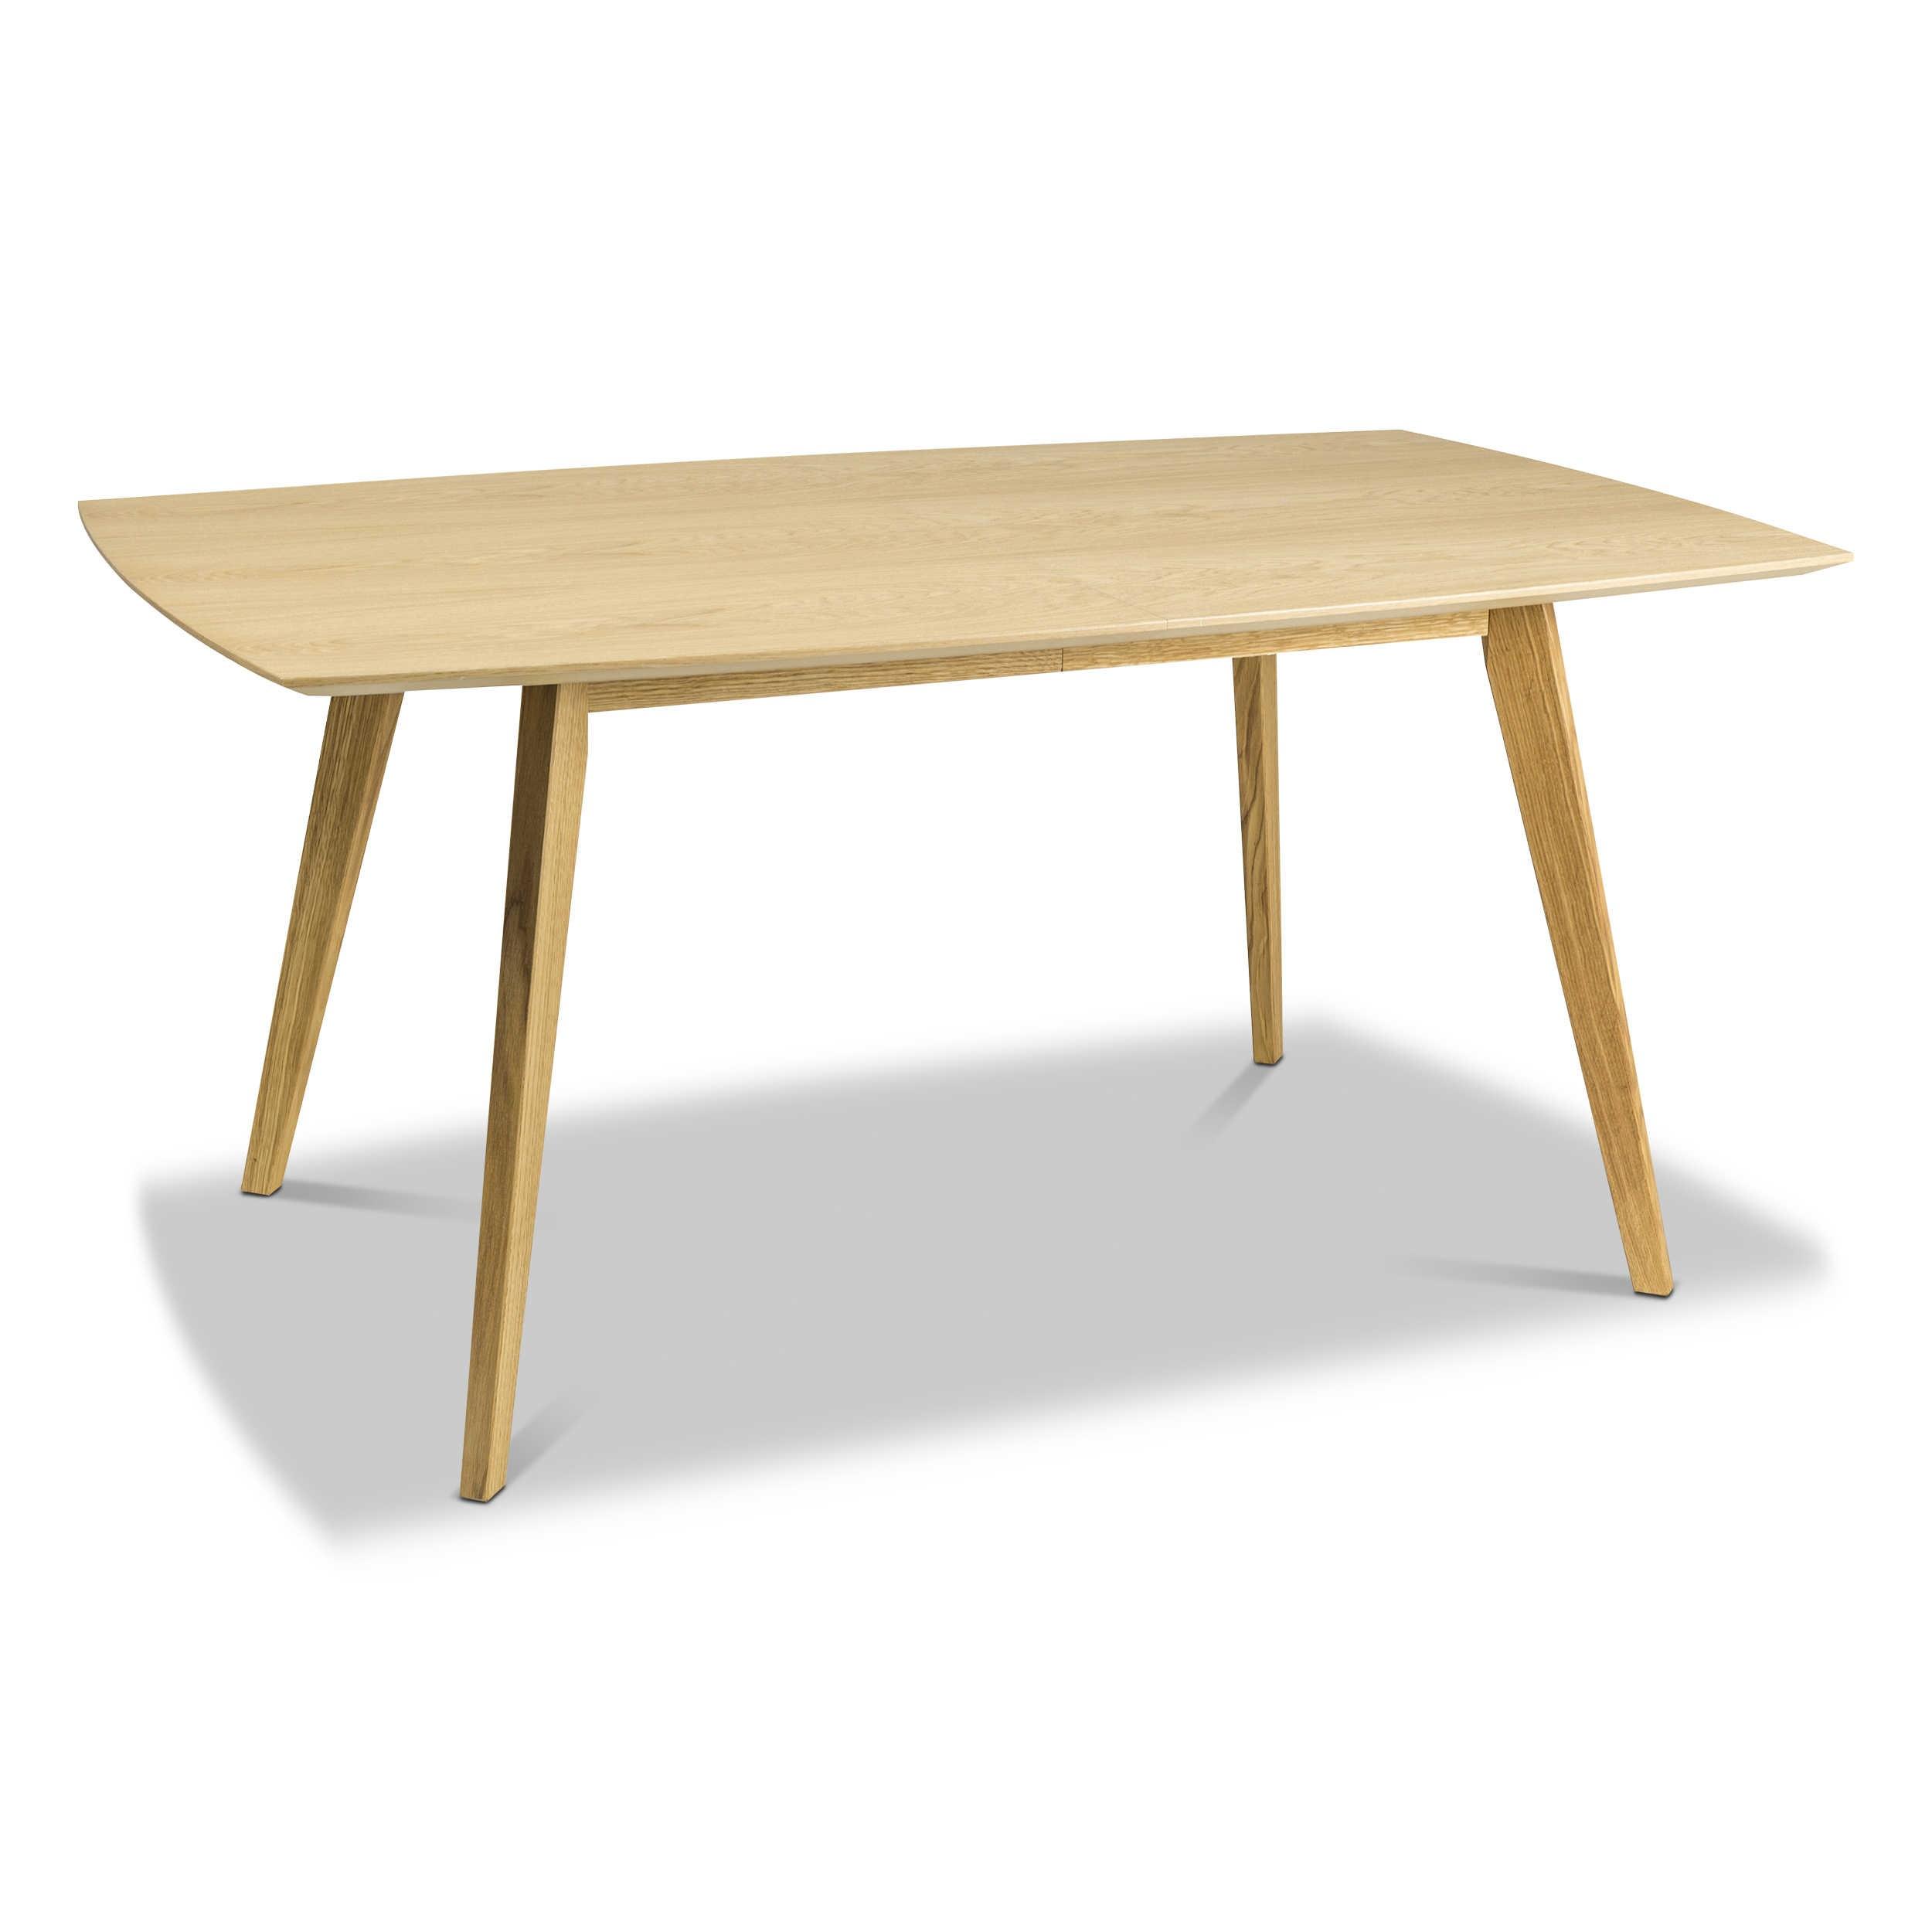 tenzo esstisch mit auszug bess 160 205 x 95 cm eiche holz online kaufen bei woonio. Black Bedroom Furniture Sets. Home Design Ideas